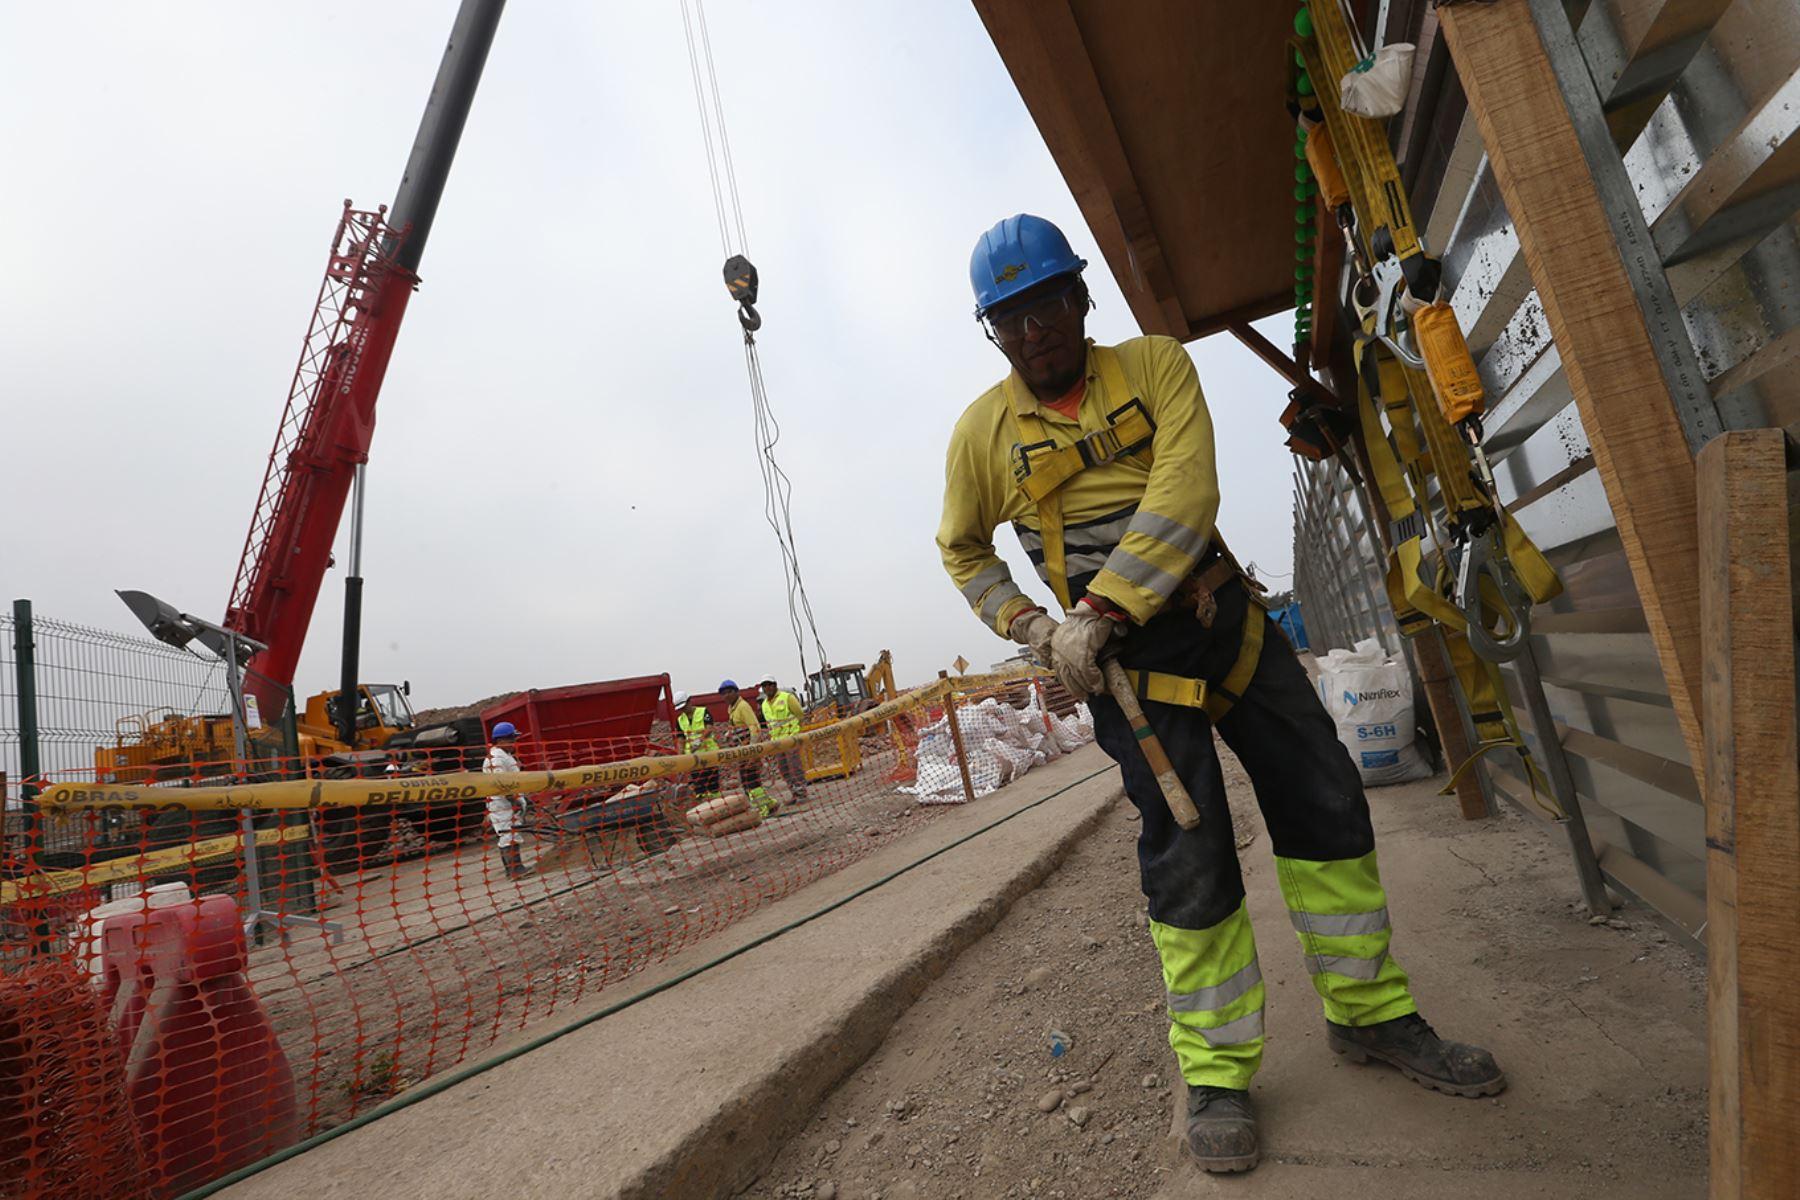 Avanza construcción de Línea 2 del Metro de Lima, Foto: ANDINA/Juan Carlos Guzmán